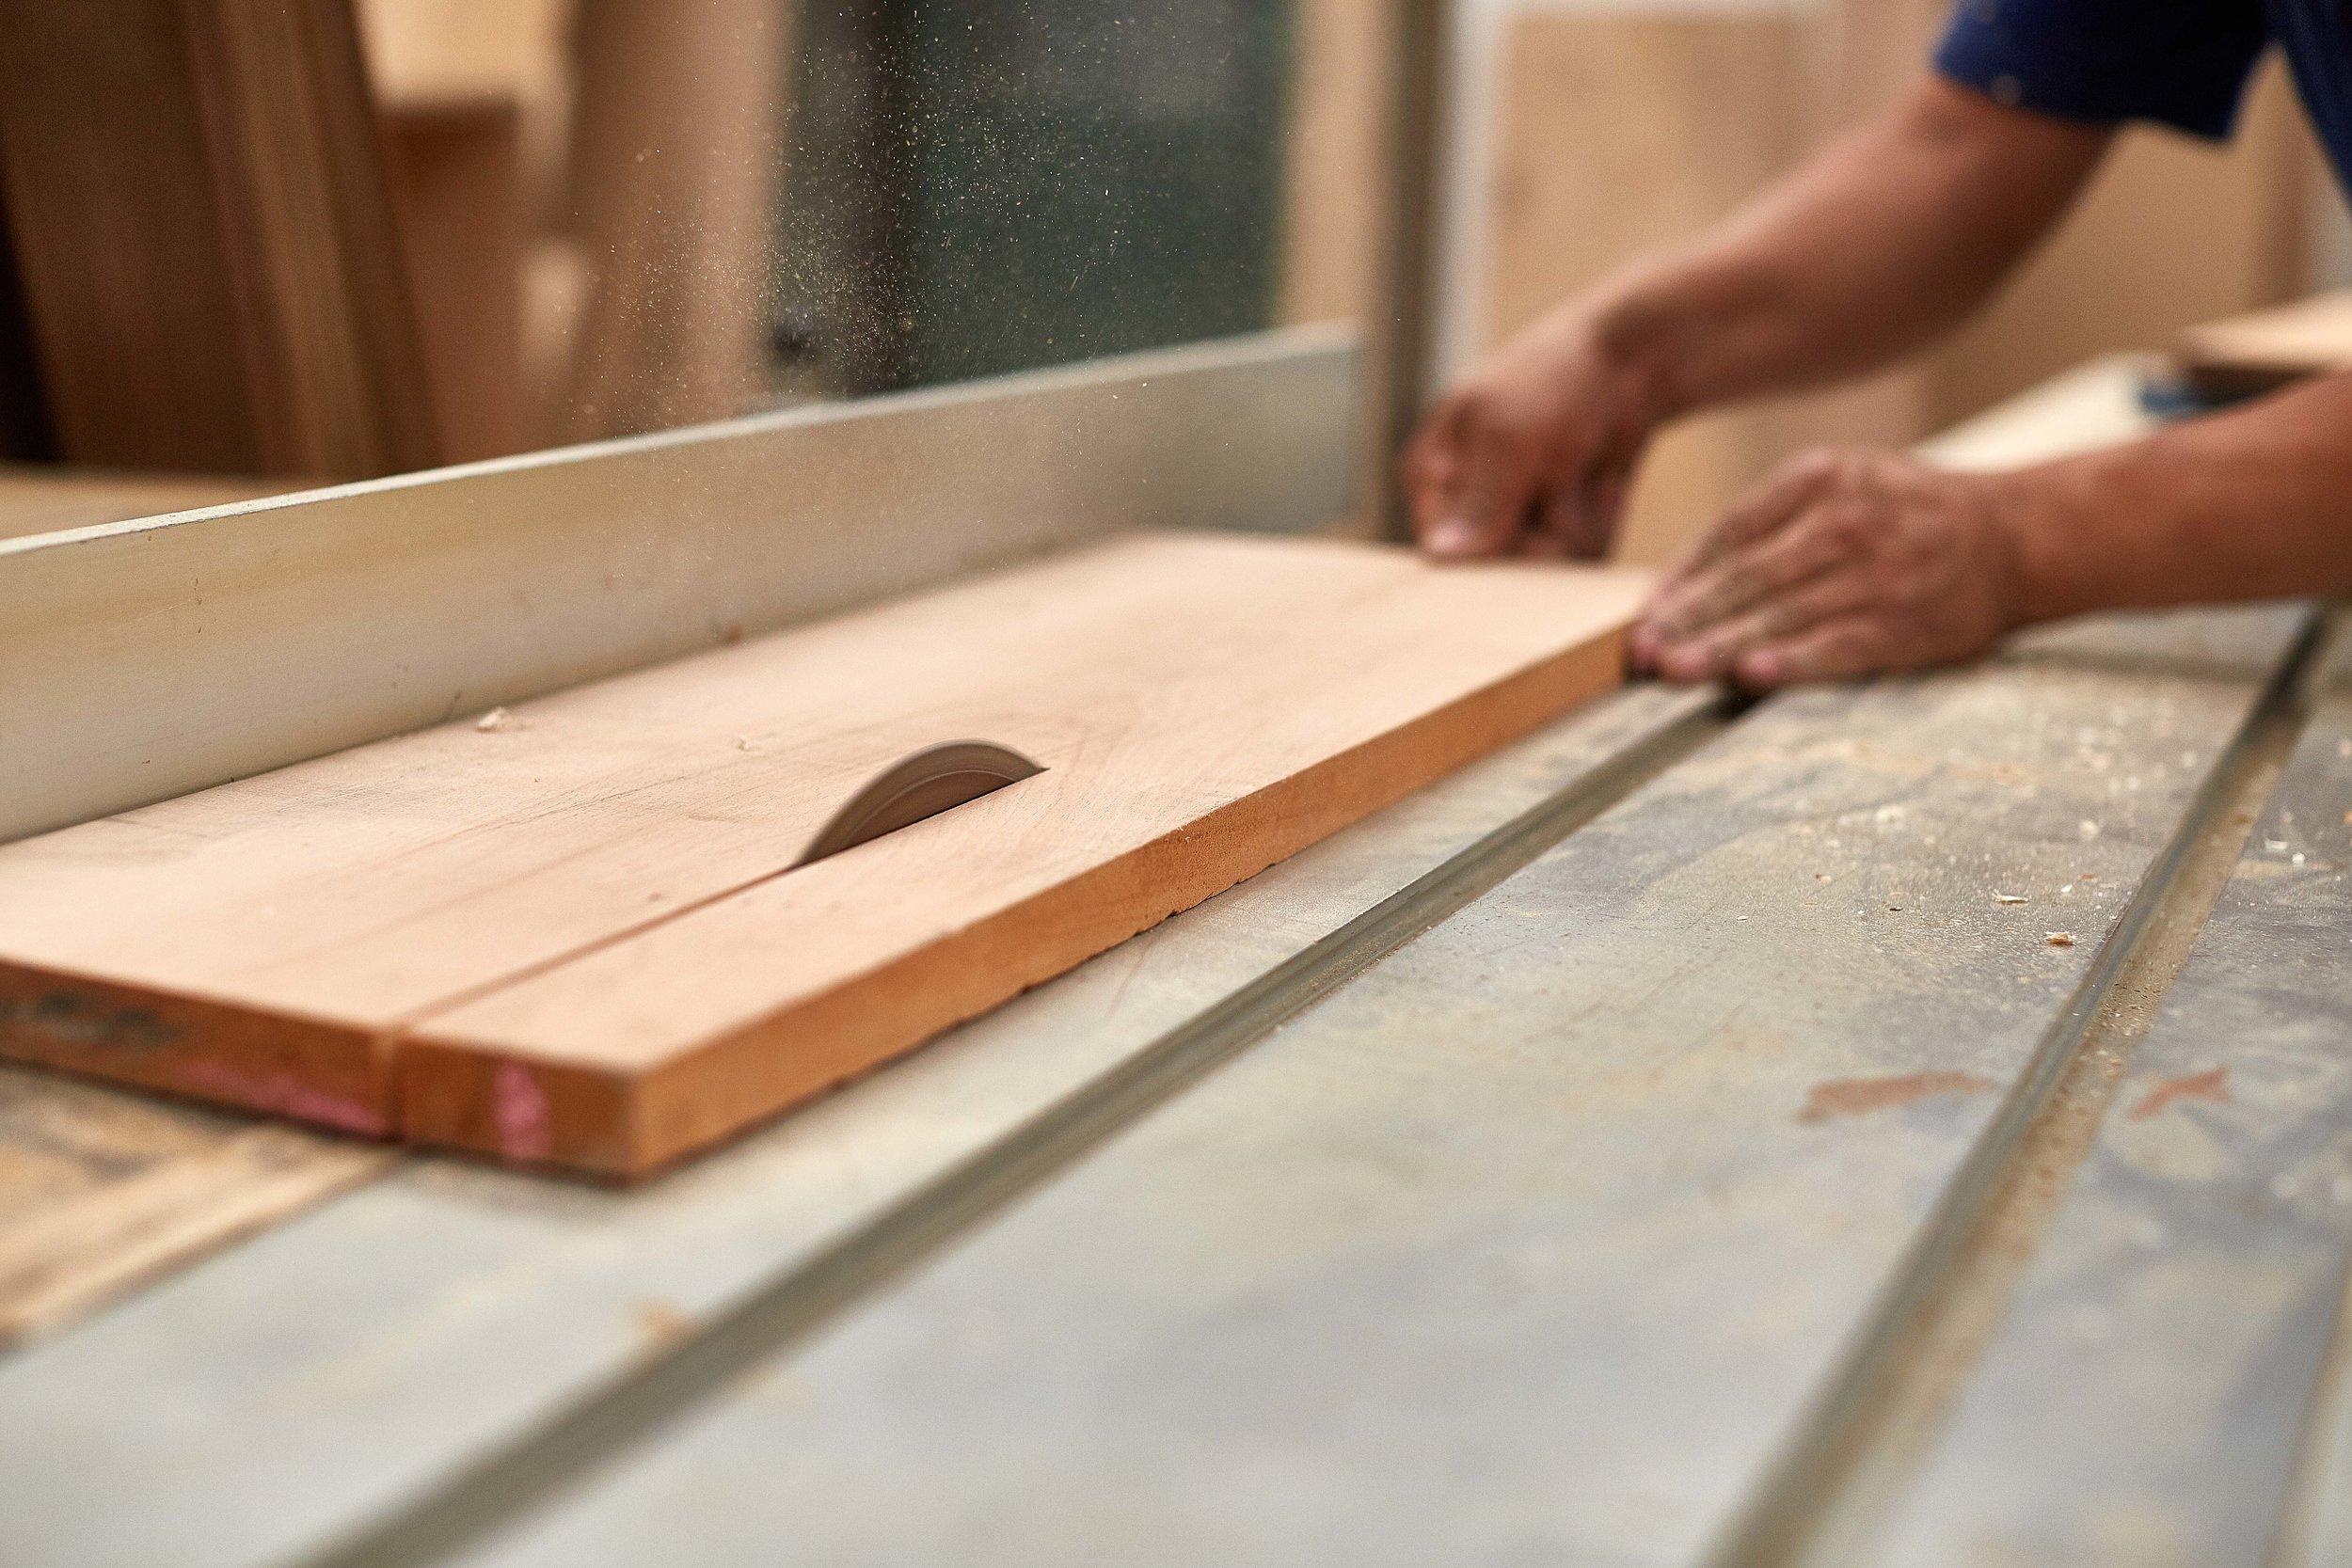 - Primitivo Taller se distingue, principalmente, por trabajar maderas y metales, aunque también se ocupa de otros materiales, dependiendo de cada proyecto.